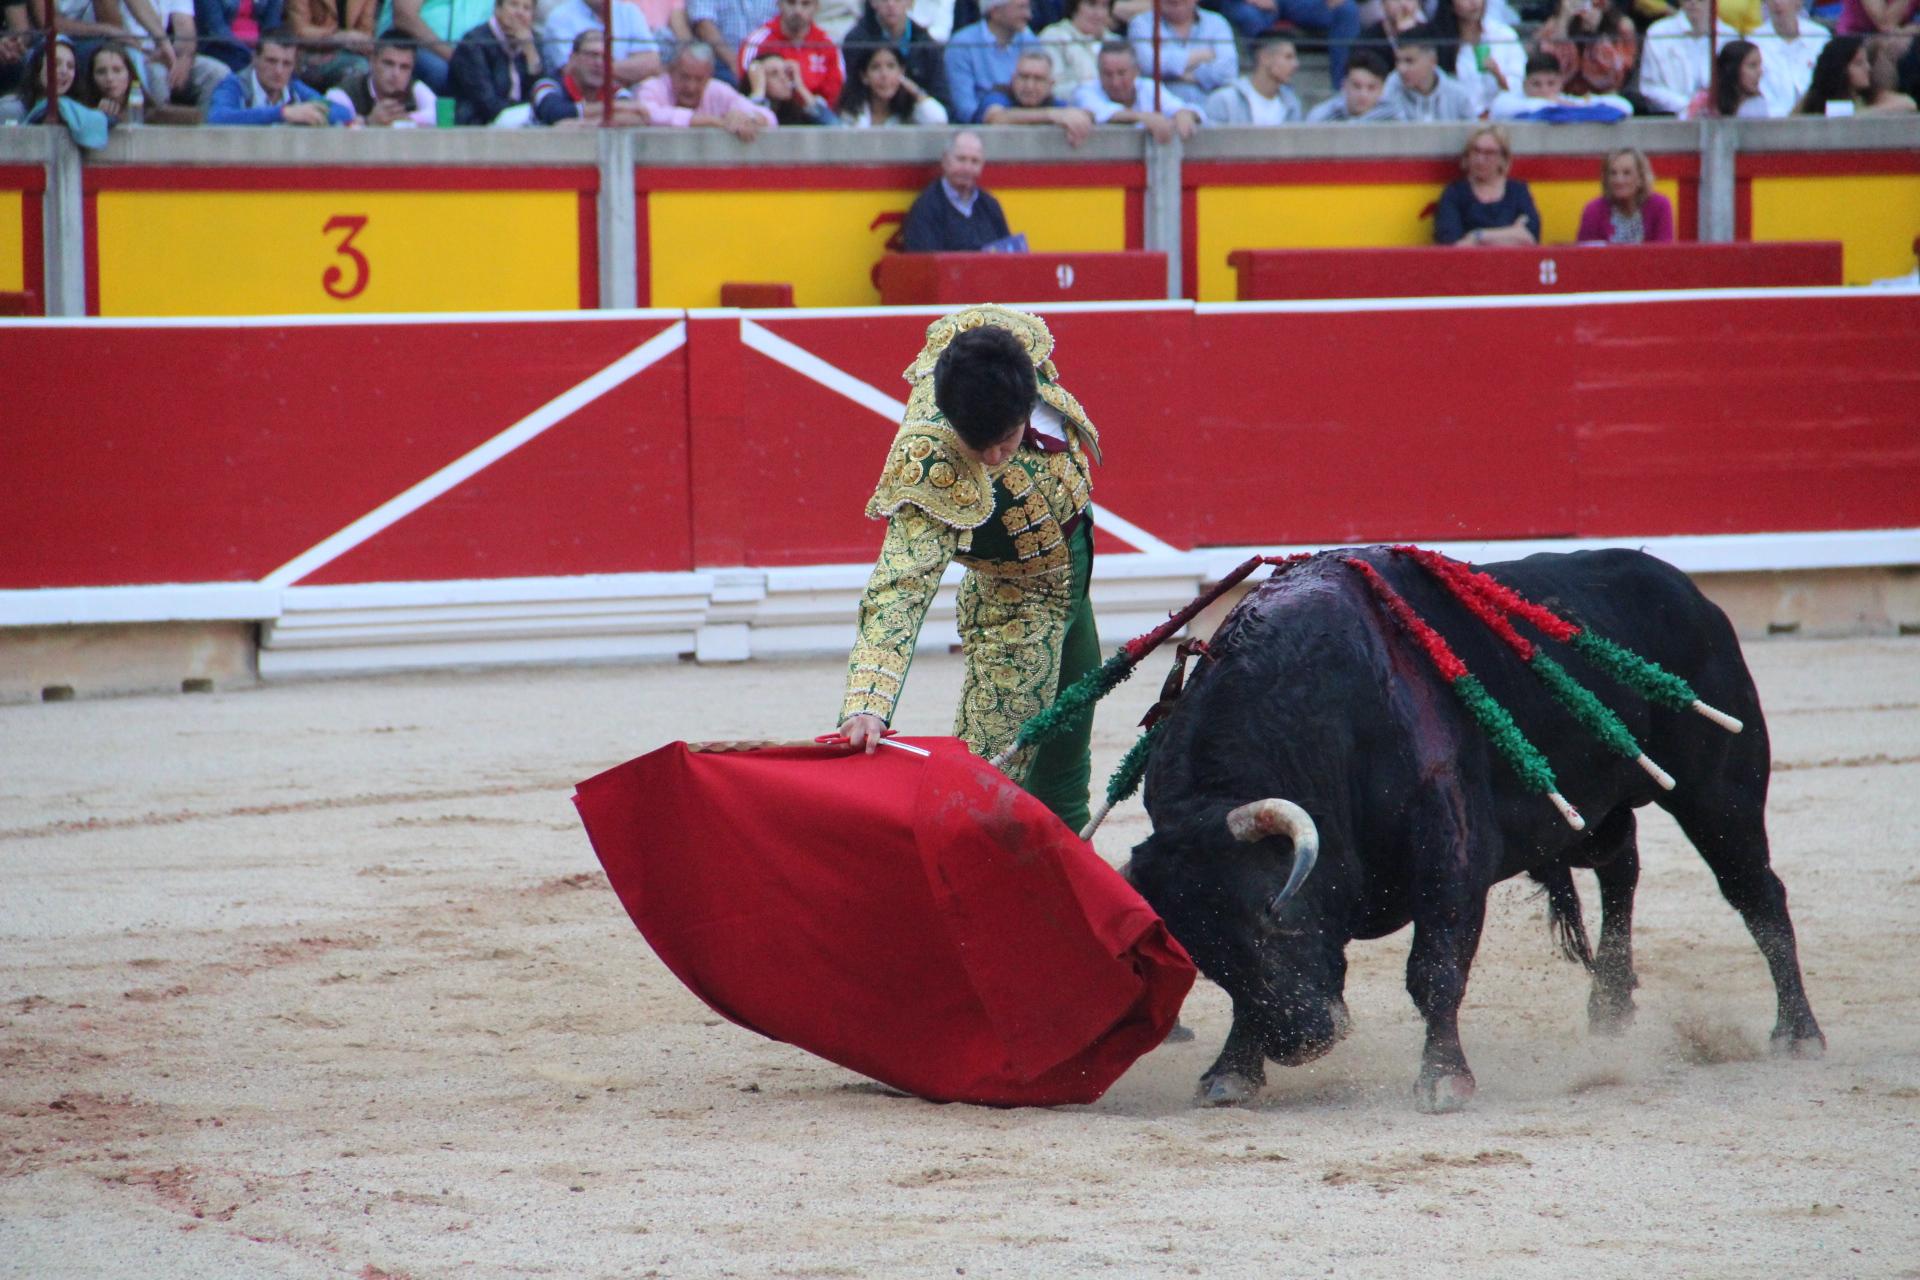 Oreja a Toñete en Pamplona bilaketarekin bat datozen irudiak